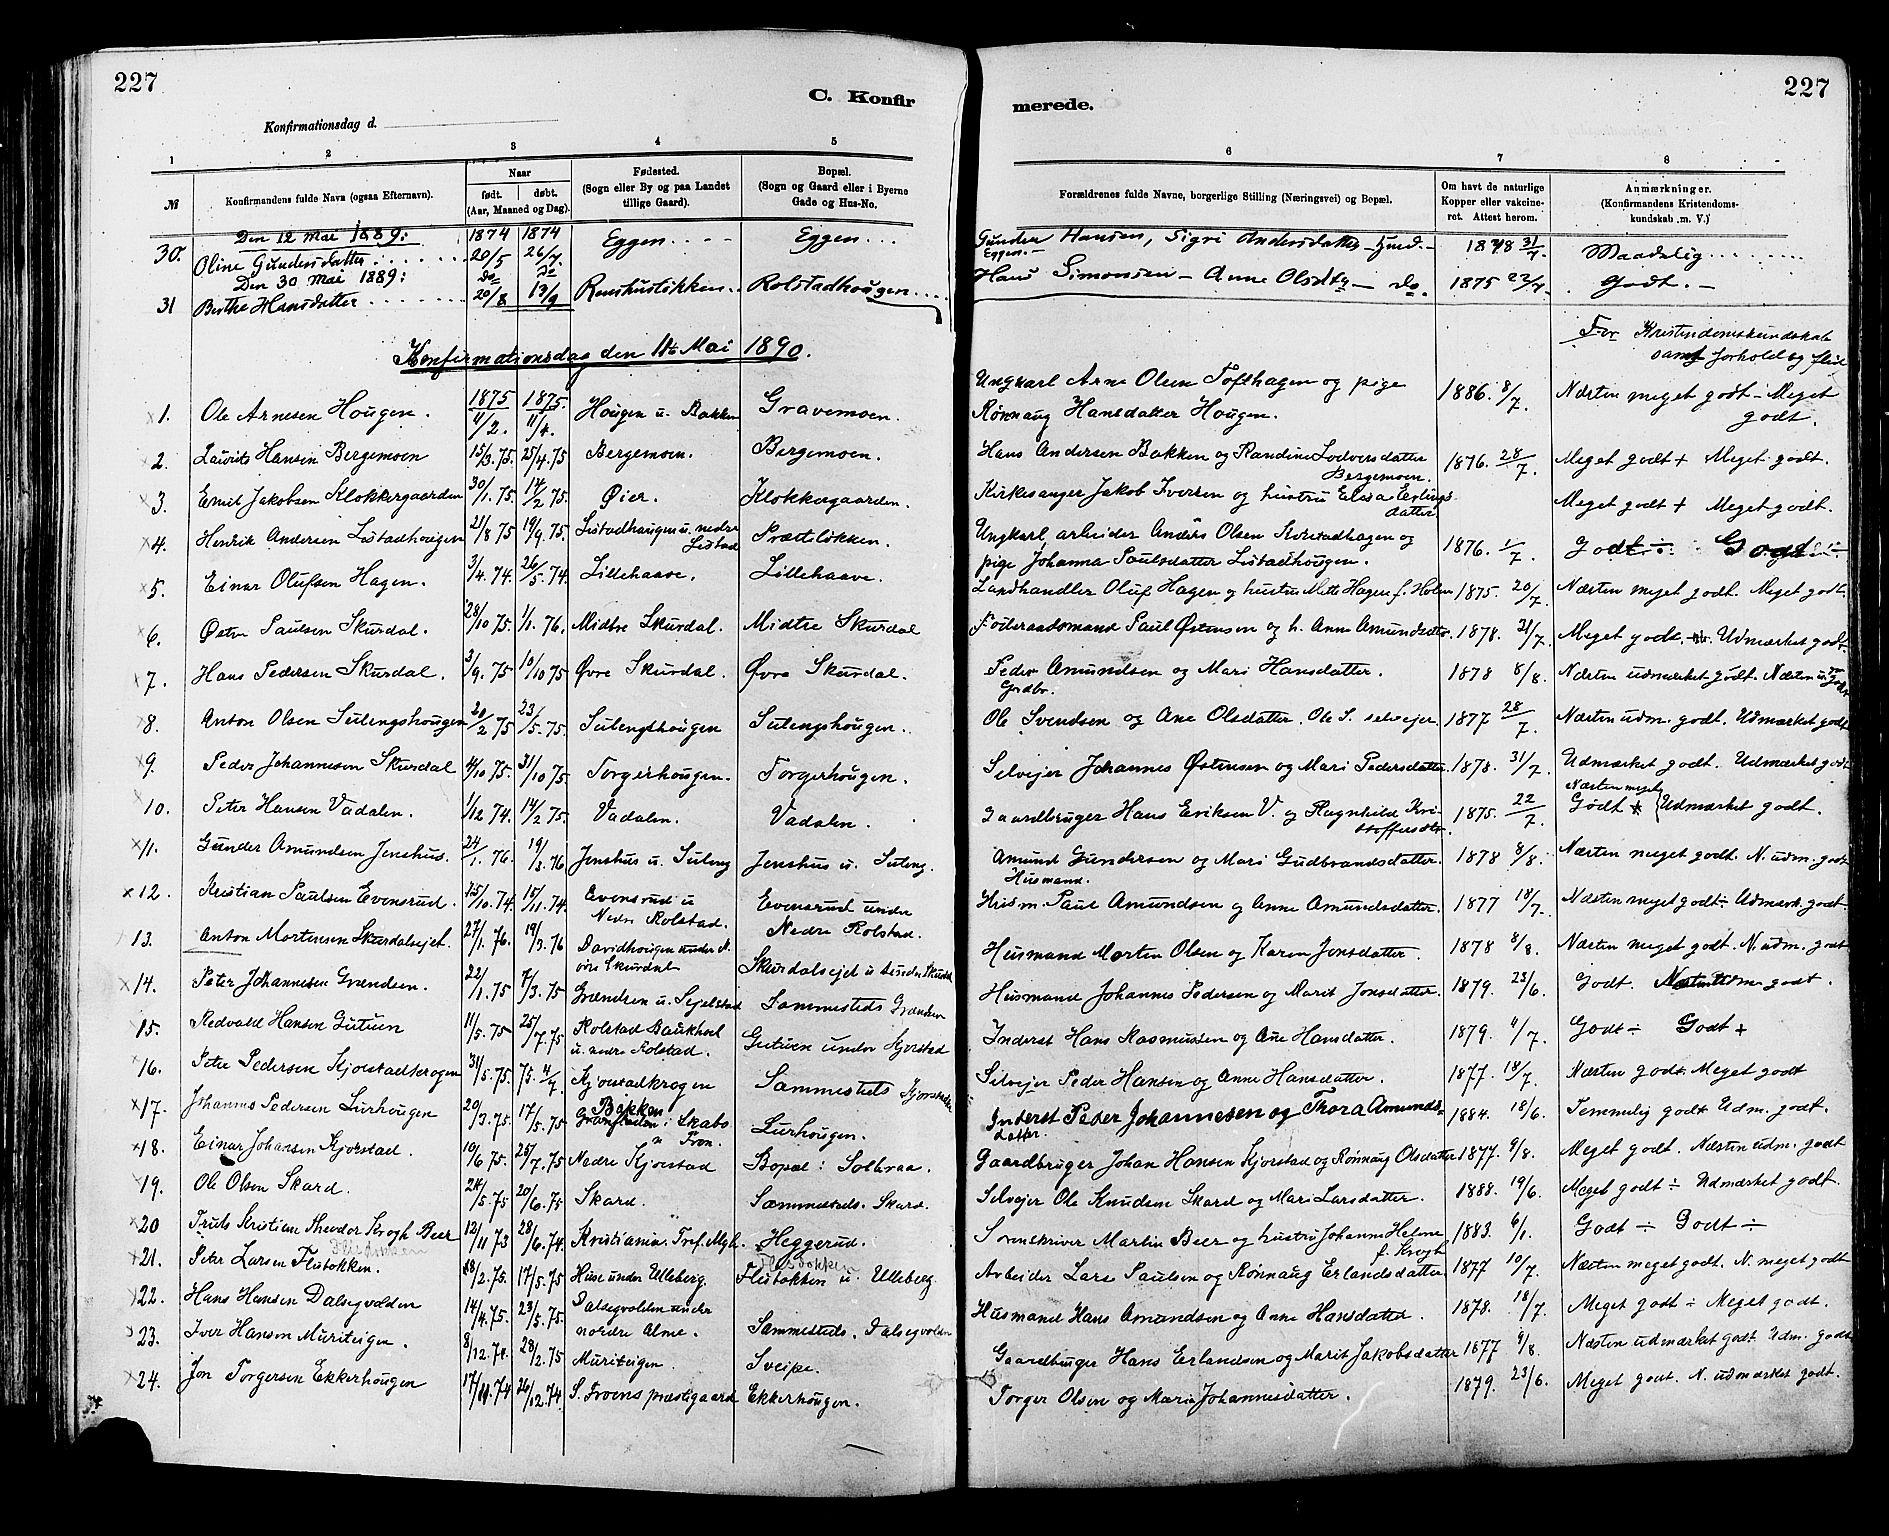 SAH, Sør-Fron prestekontor, H/Ha/Haa/L0003: Ministerialbok nr. 3, 1881-1897, s. 227